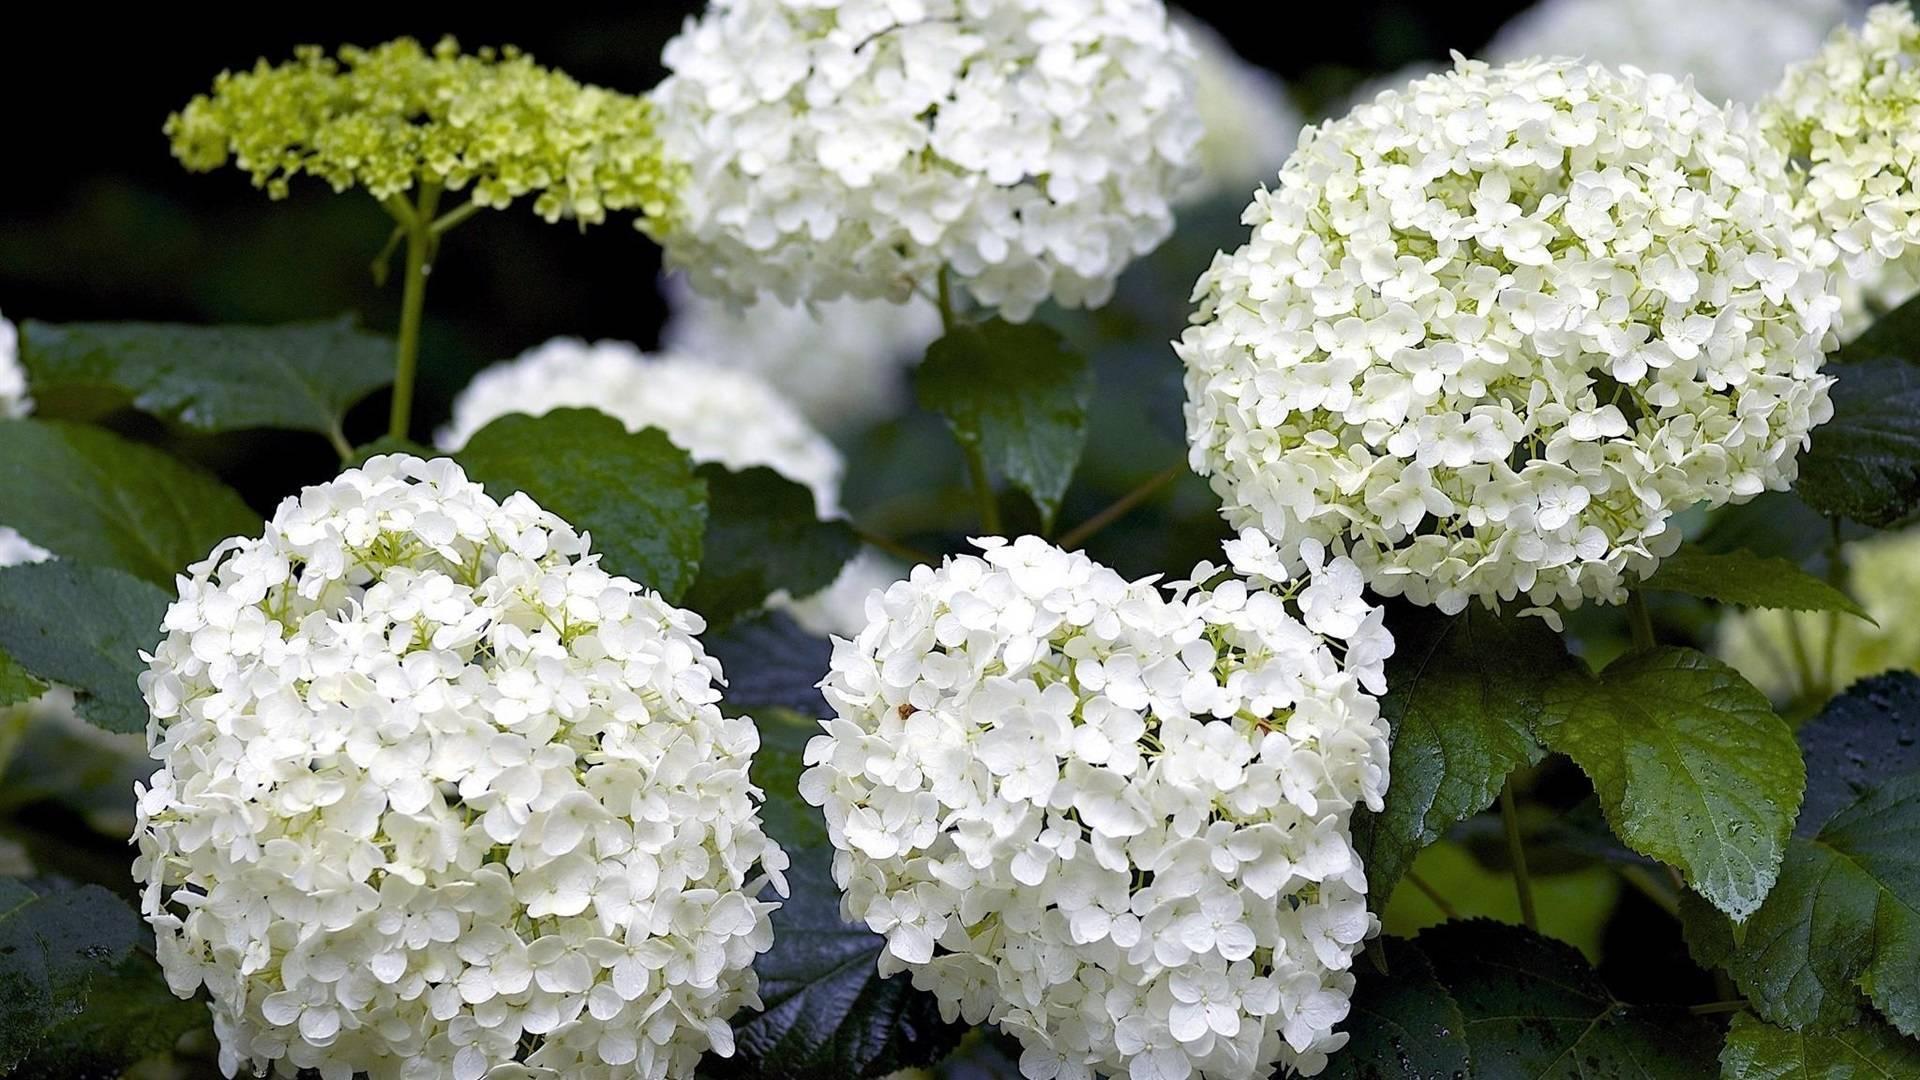 Гортензия: описание, фото, основные характеристики (высота, корень, как выглядят семена), ядовитость цветка, родина растения